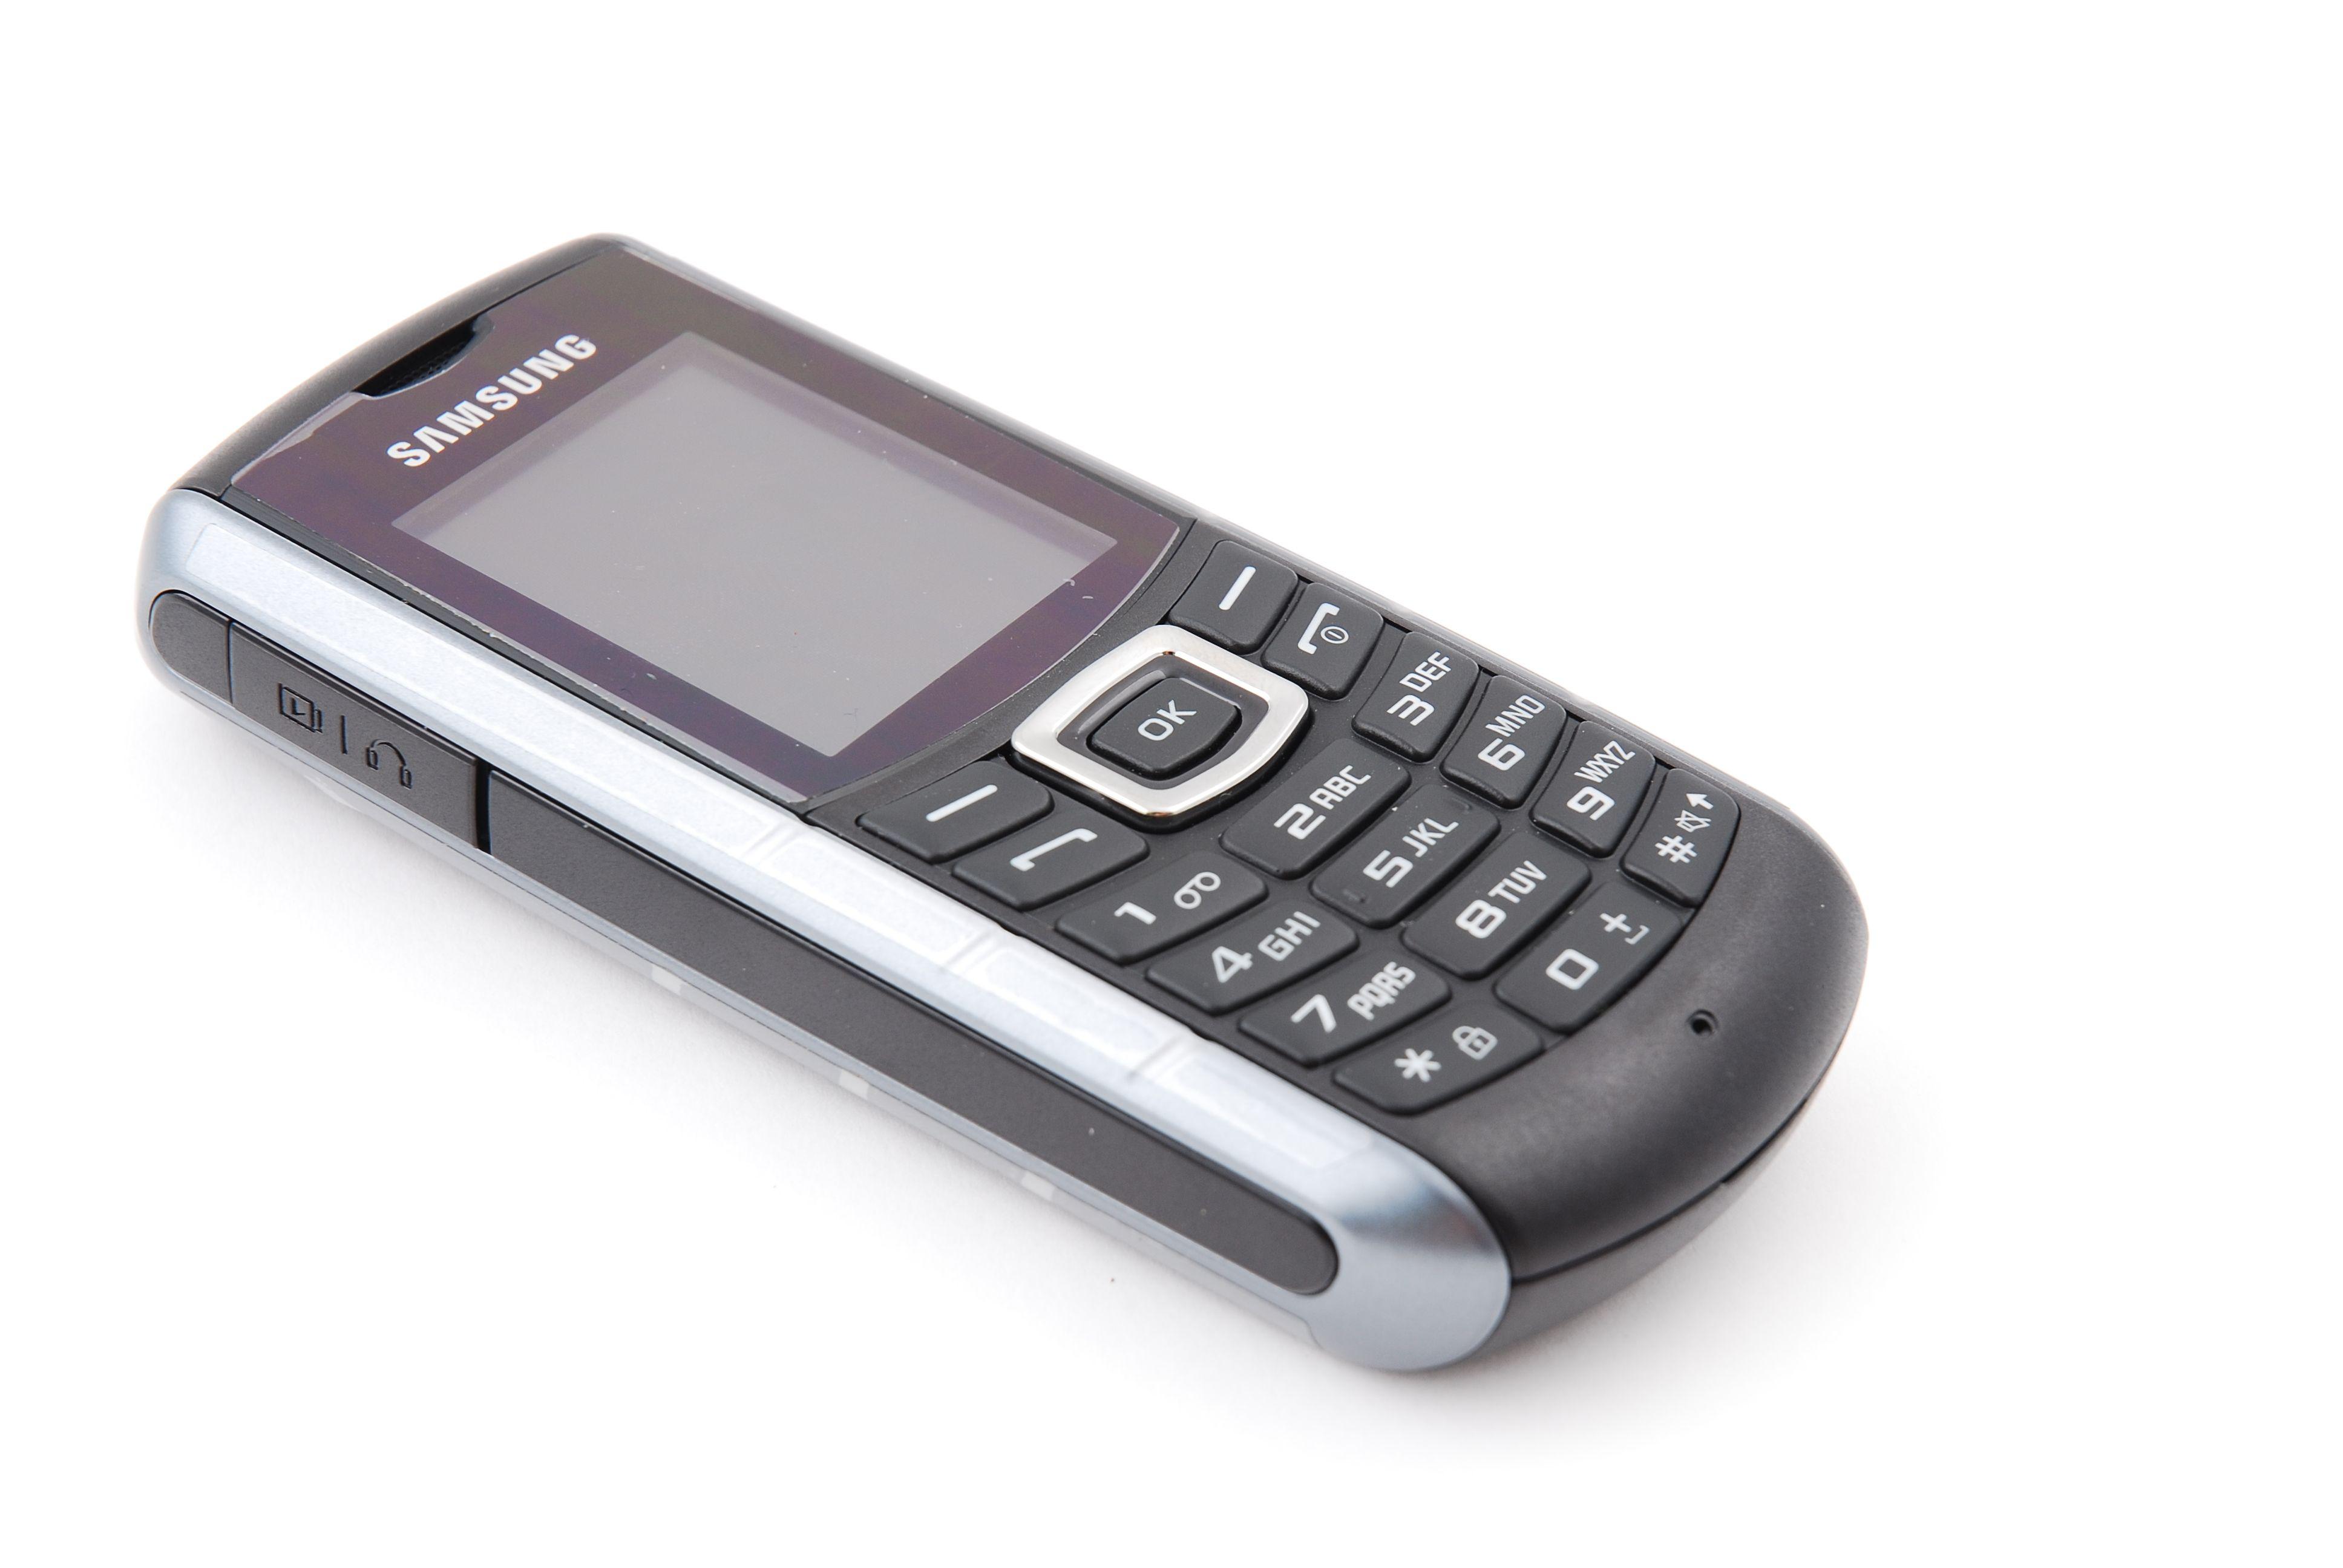 Samsung E2370 Xcover har ikke like ekstremt utseende som Sonims modeller.